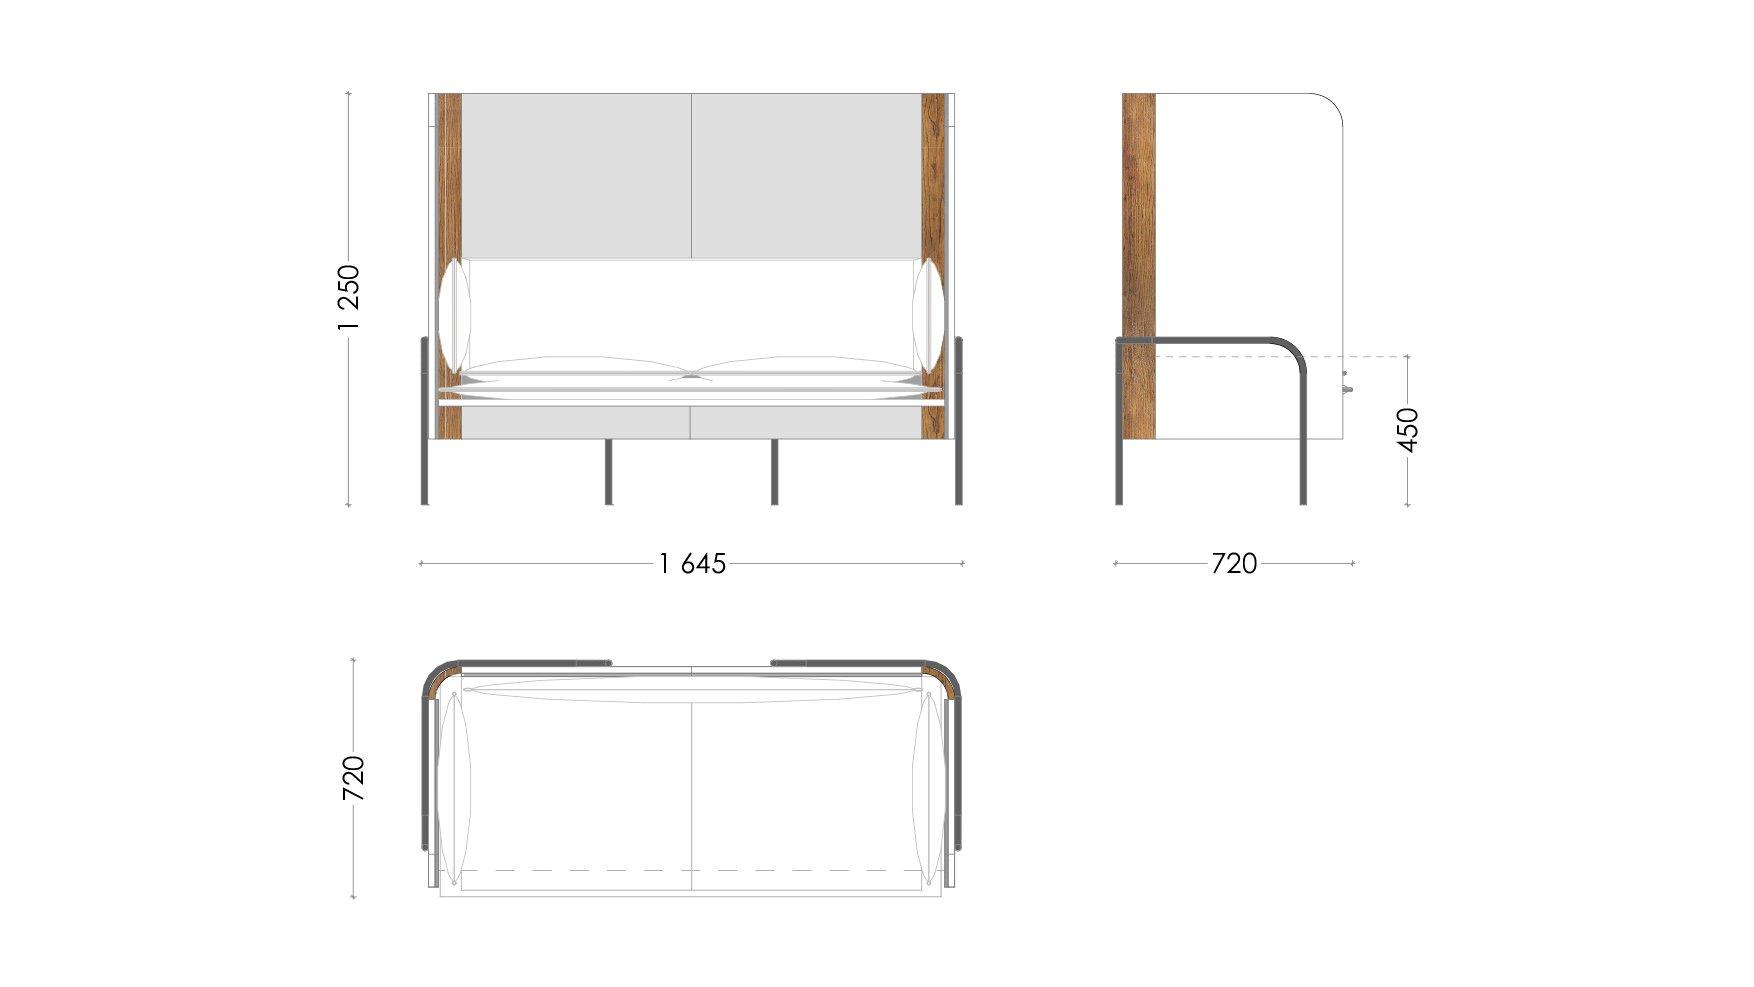 image-1-0: object-tysha-sofa